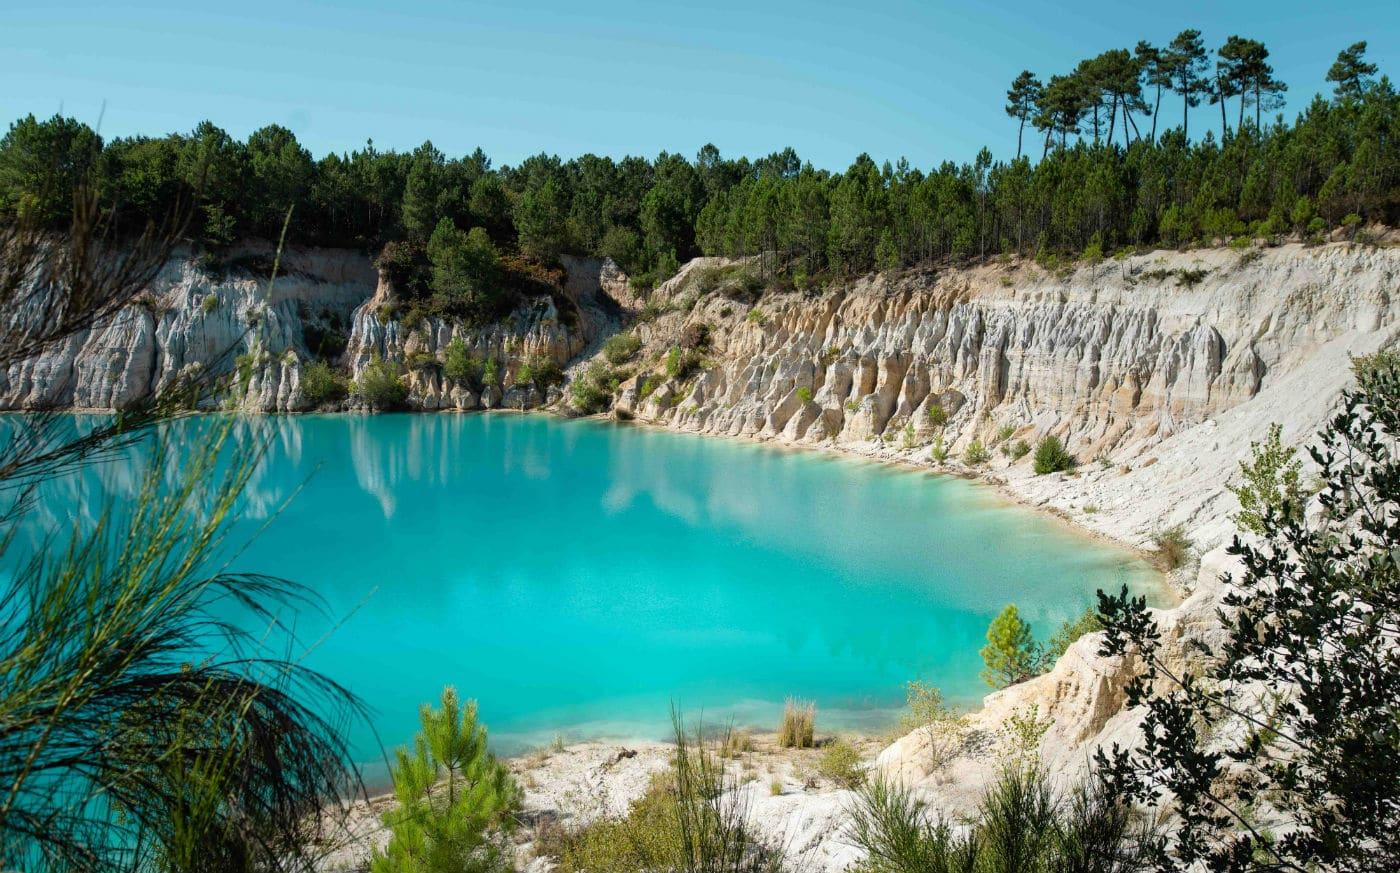 lac turquoise en Charentes